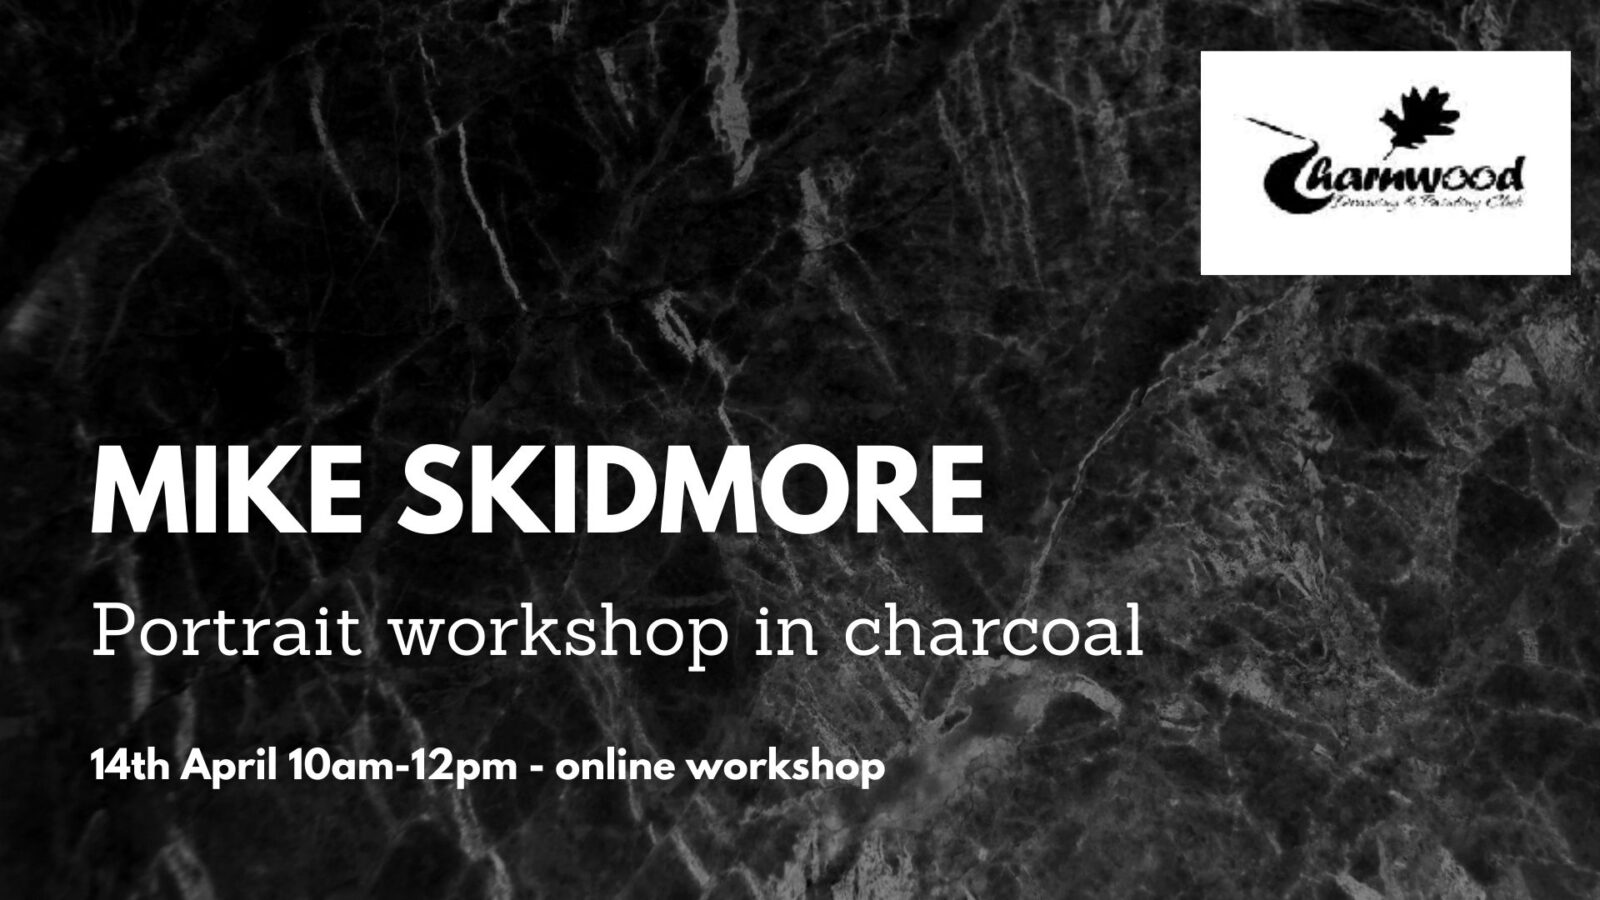 mike skidmore portrait workshop